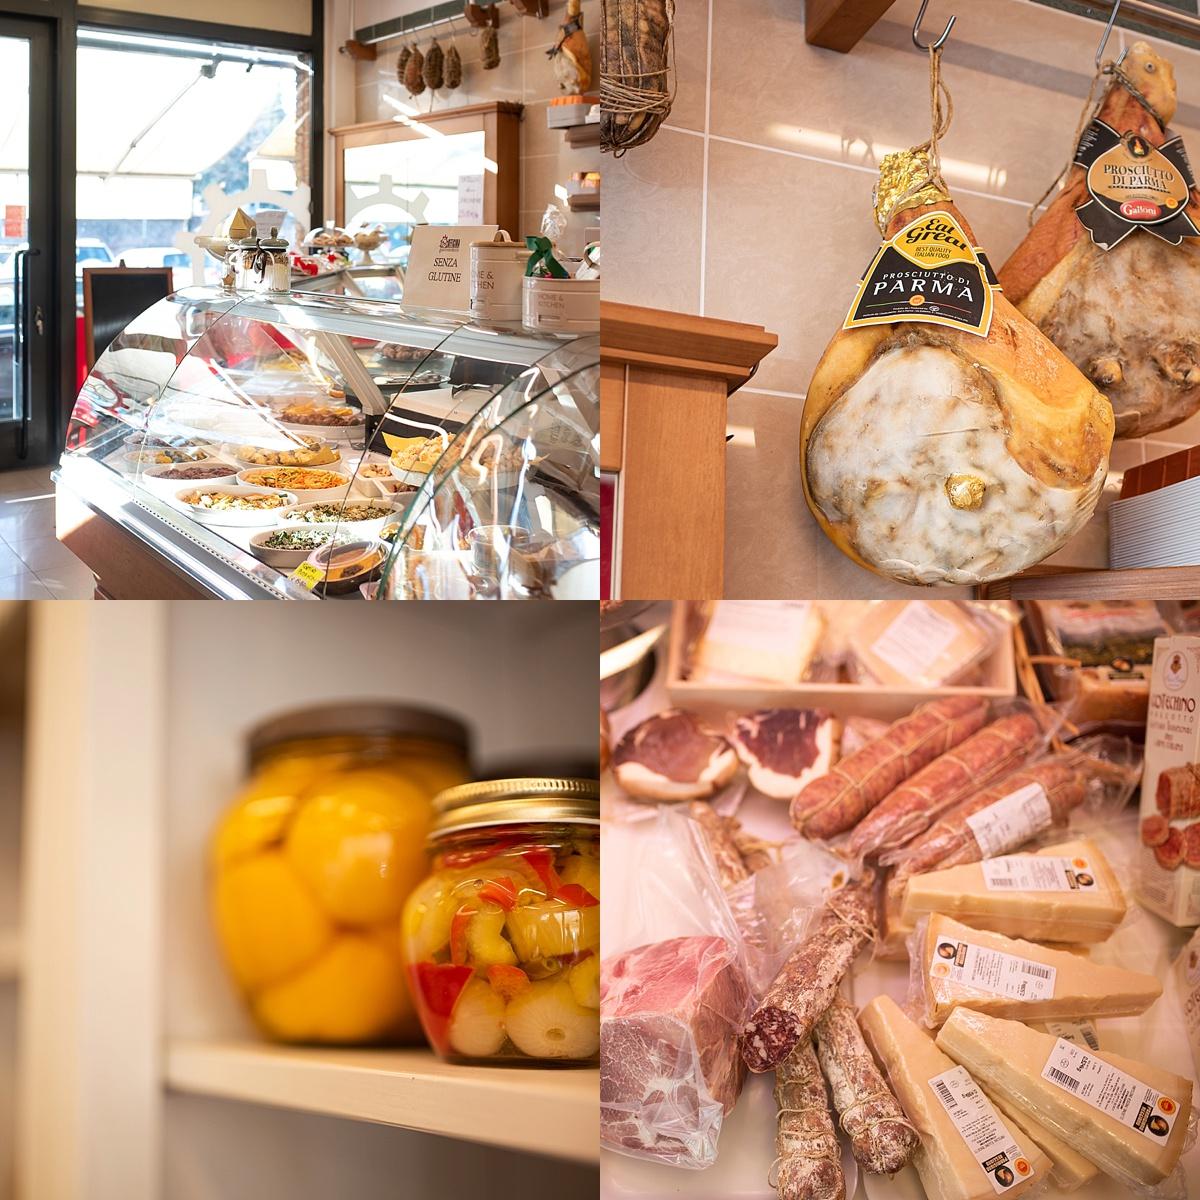 officina-gastronomica-negozio-09